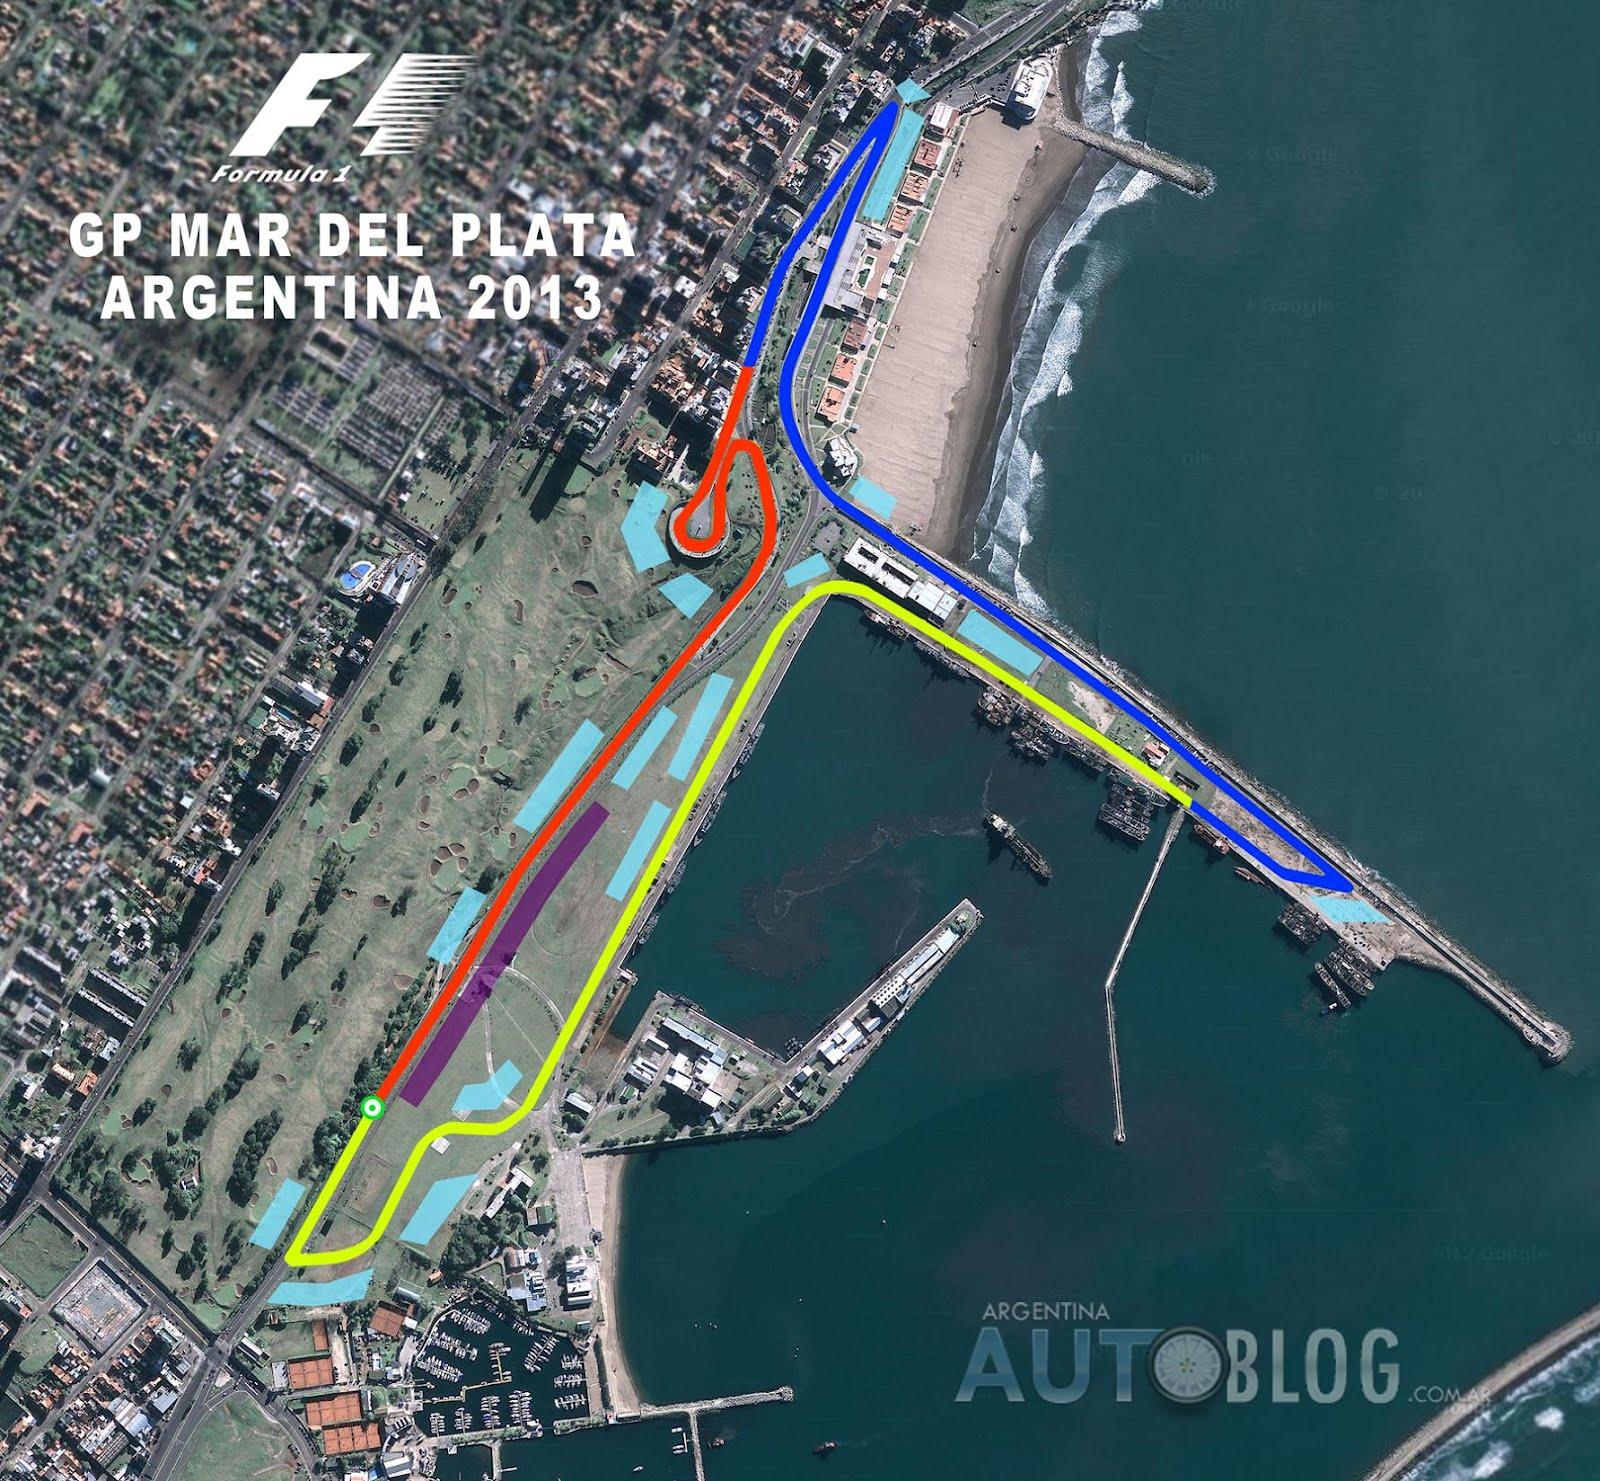 Circuito Holanda : Así será el circuito callejero de mar del plata para la fórmula